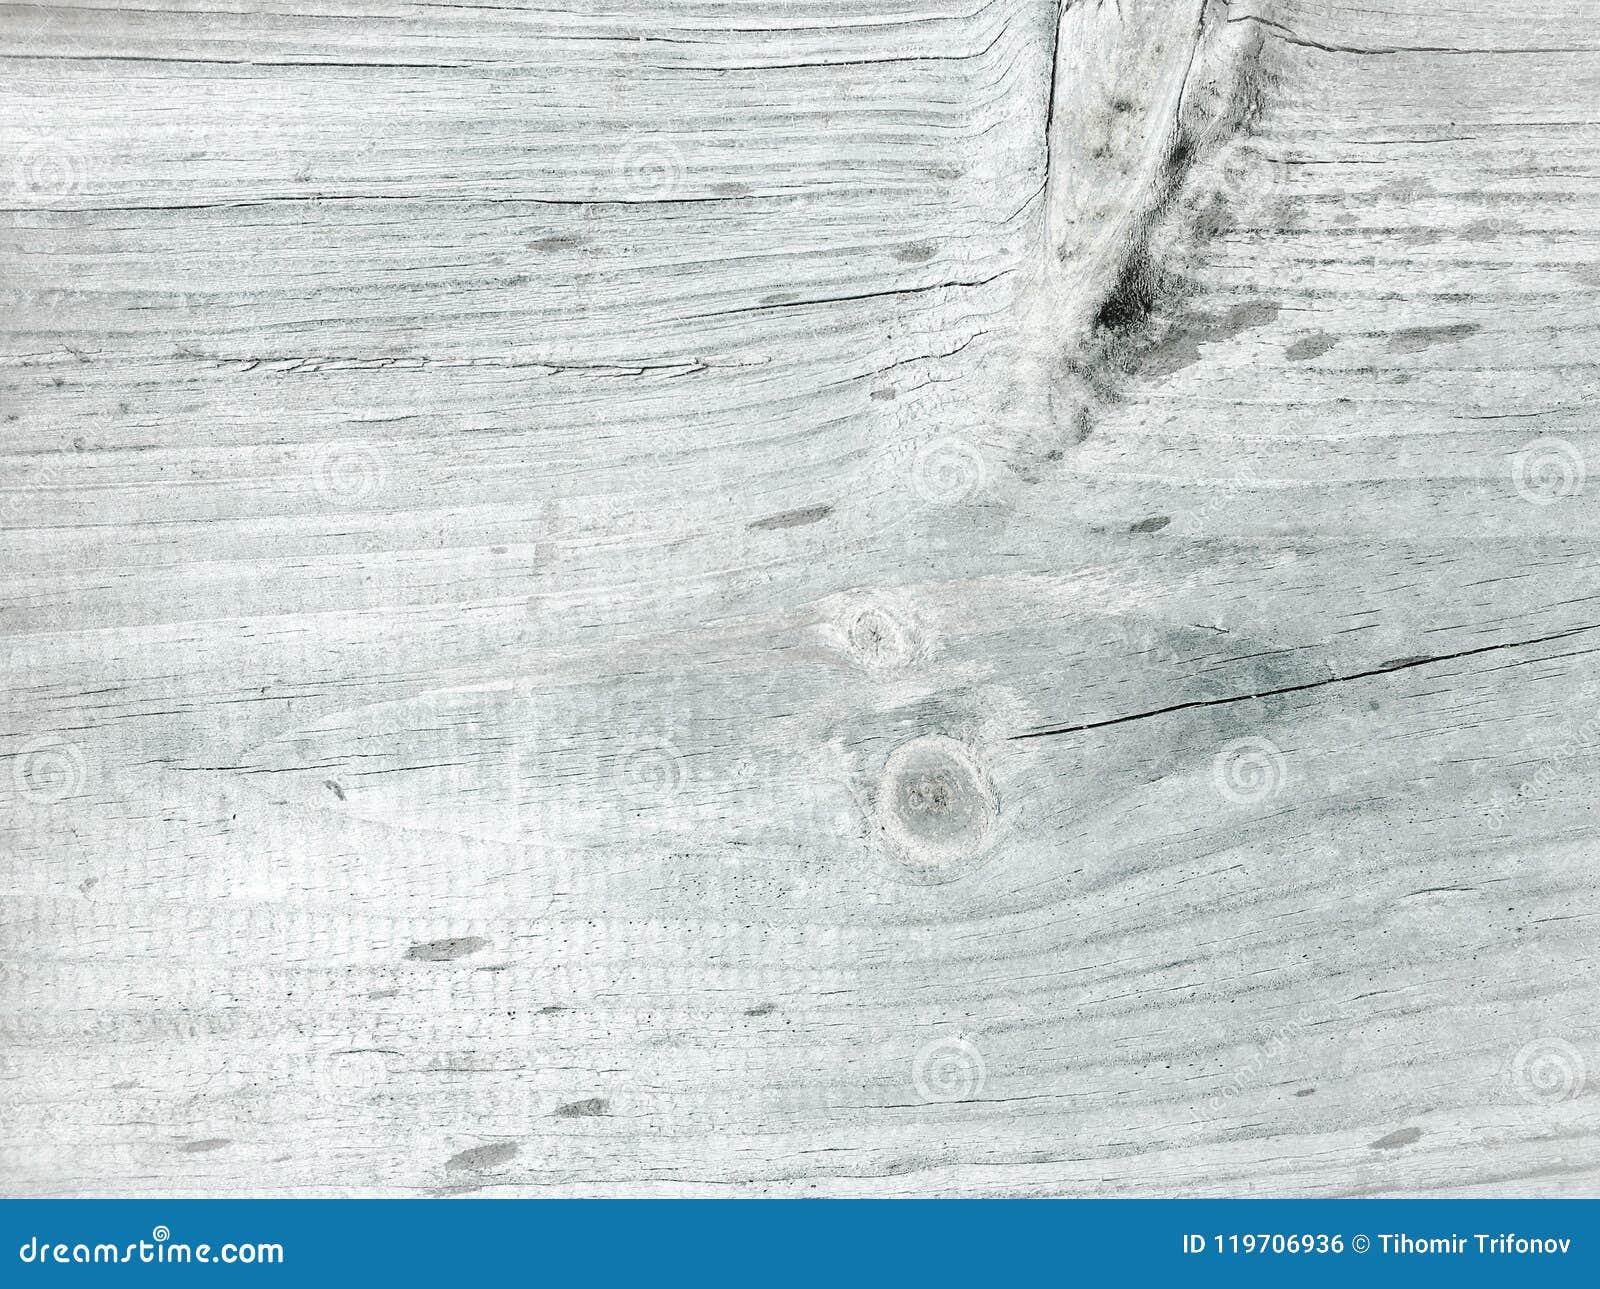 Деревянная предпосылка текстуры, освещает выдержанный деревенский дуб увяданная деревянная залакированная краска показывая тексту